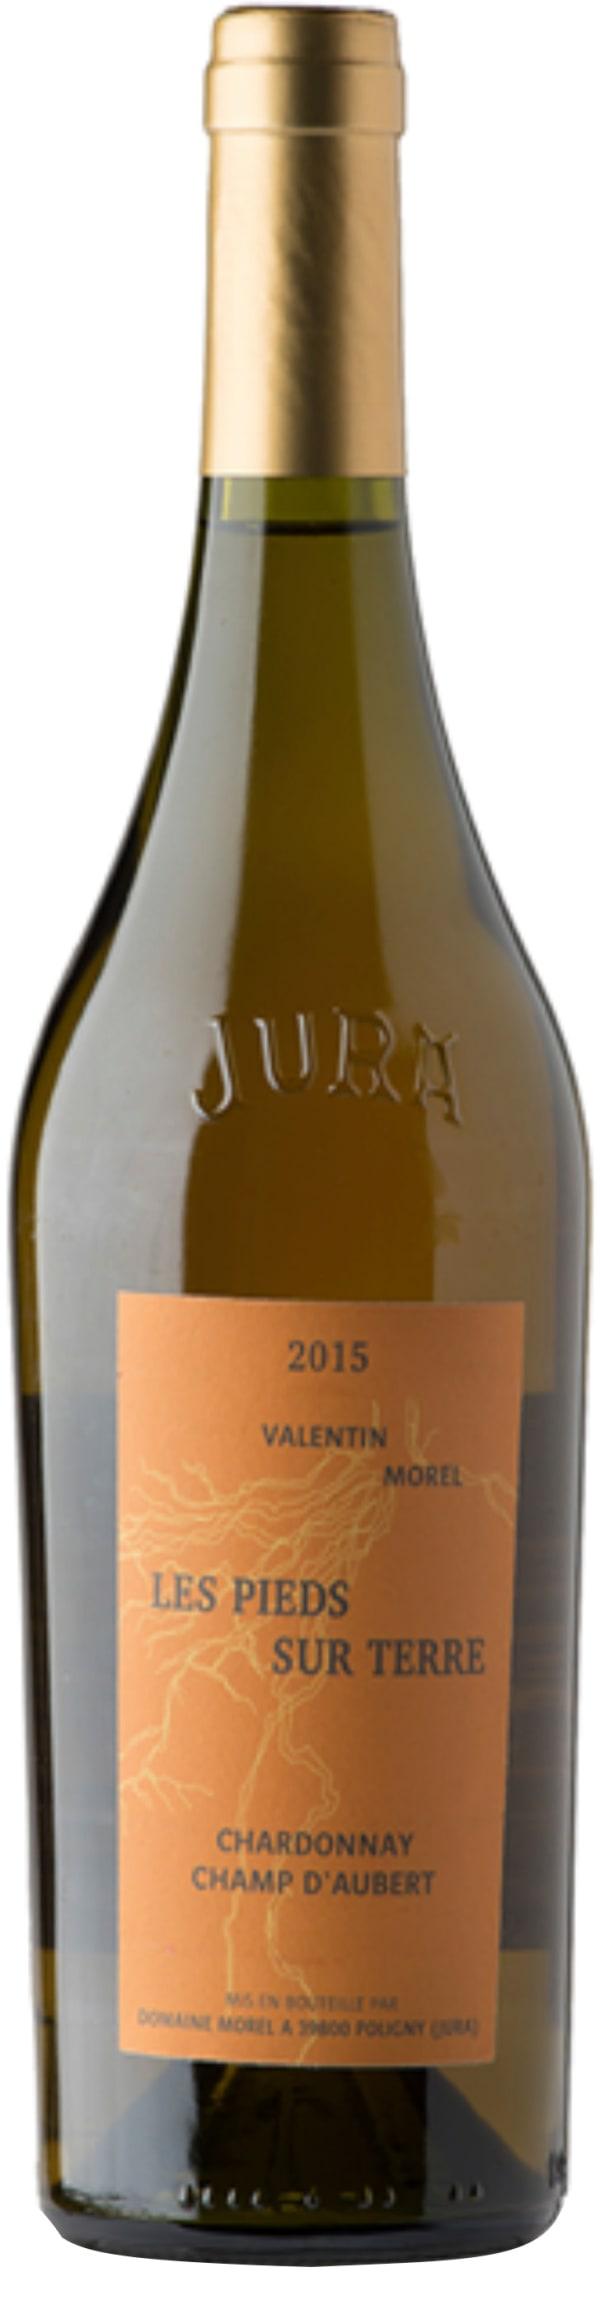 Valentin Morel Les Pieds sur Terre Chardonnay Champ d'Aubert 2015